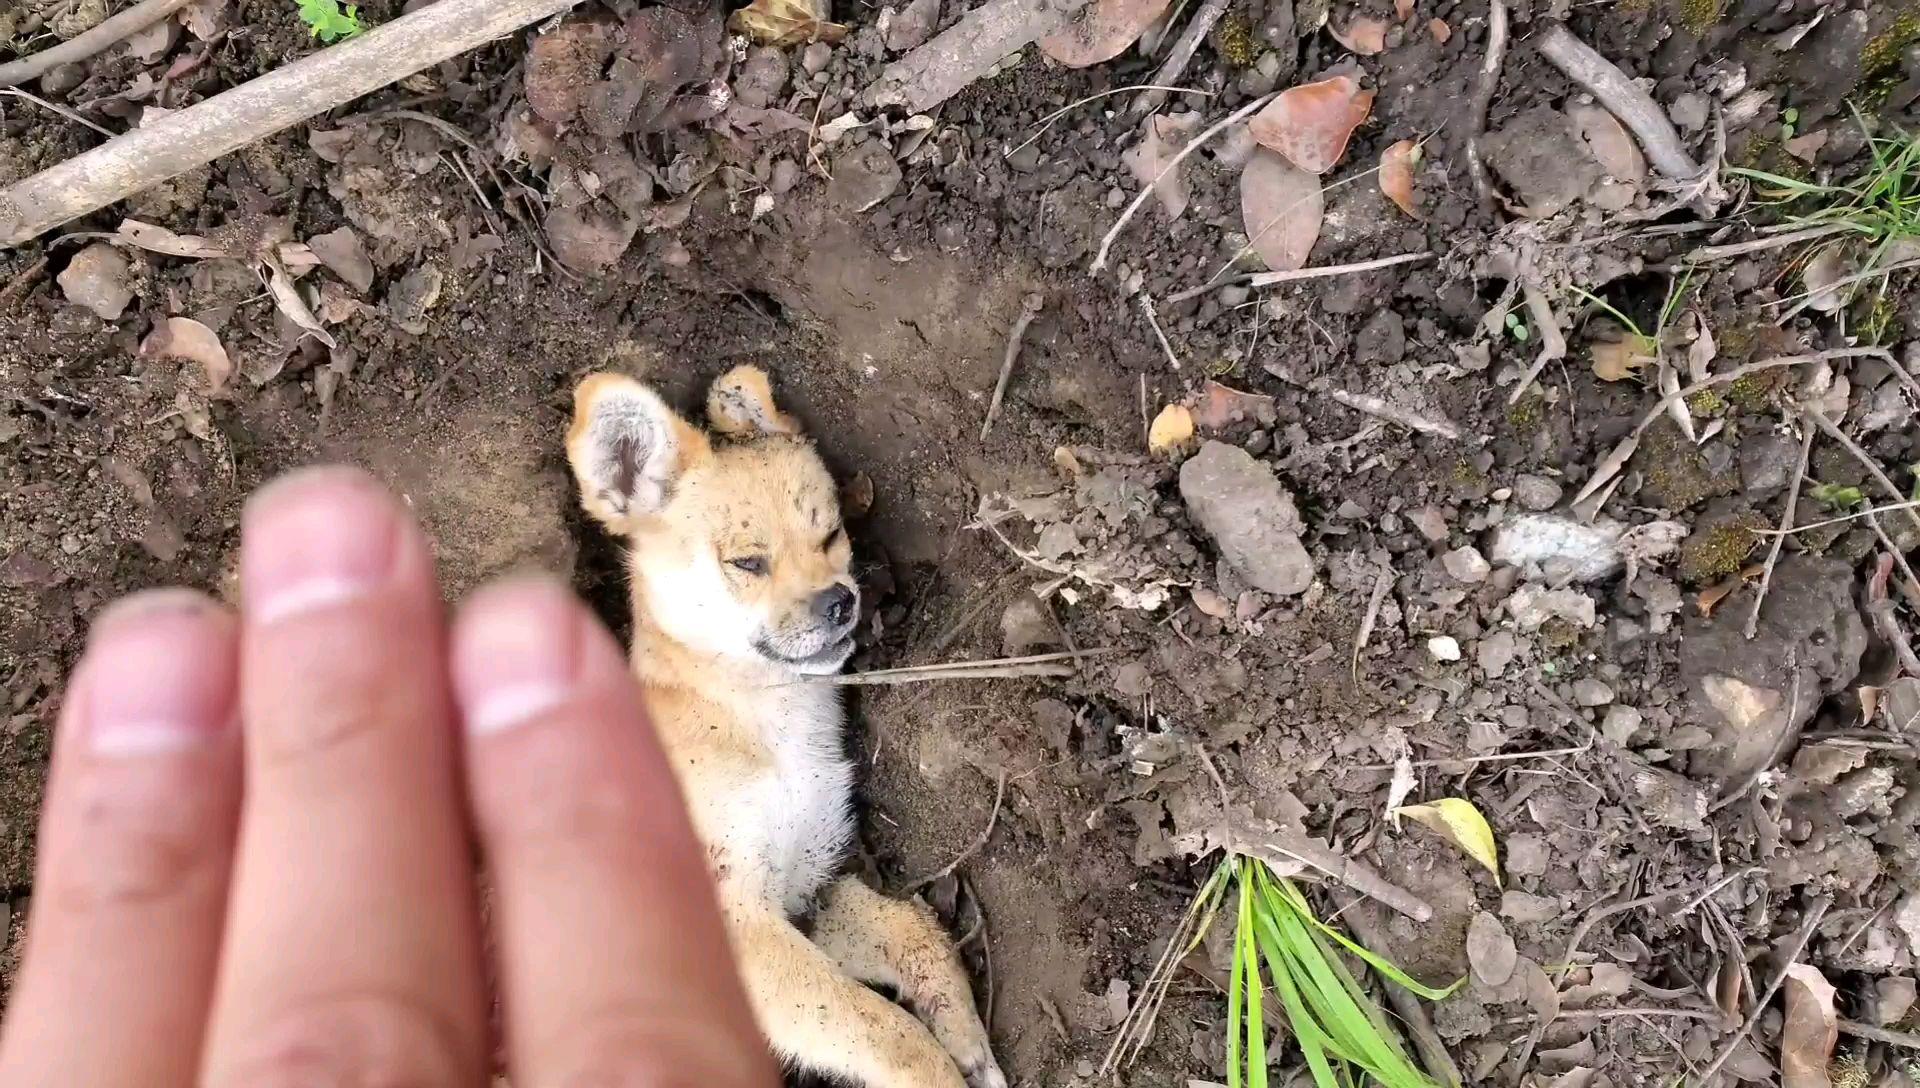 西藏318国道边发现个被撞死的动物,不知道是狗还是啥